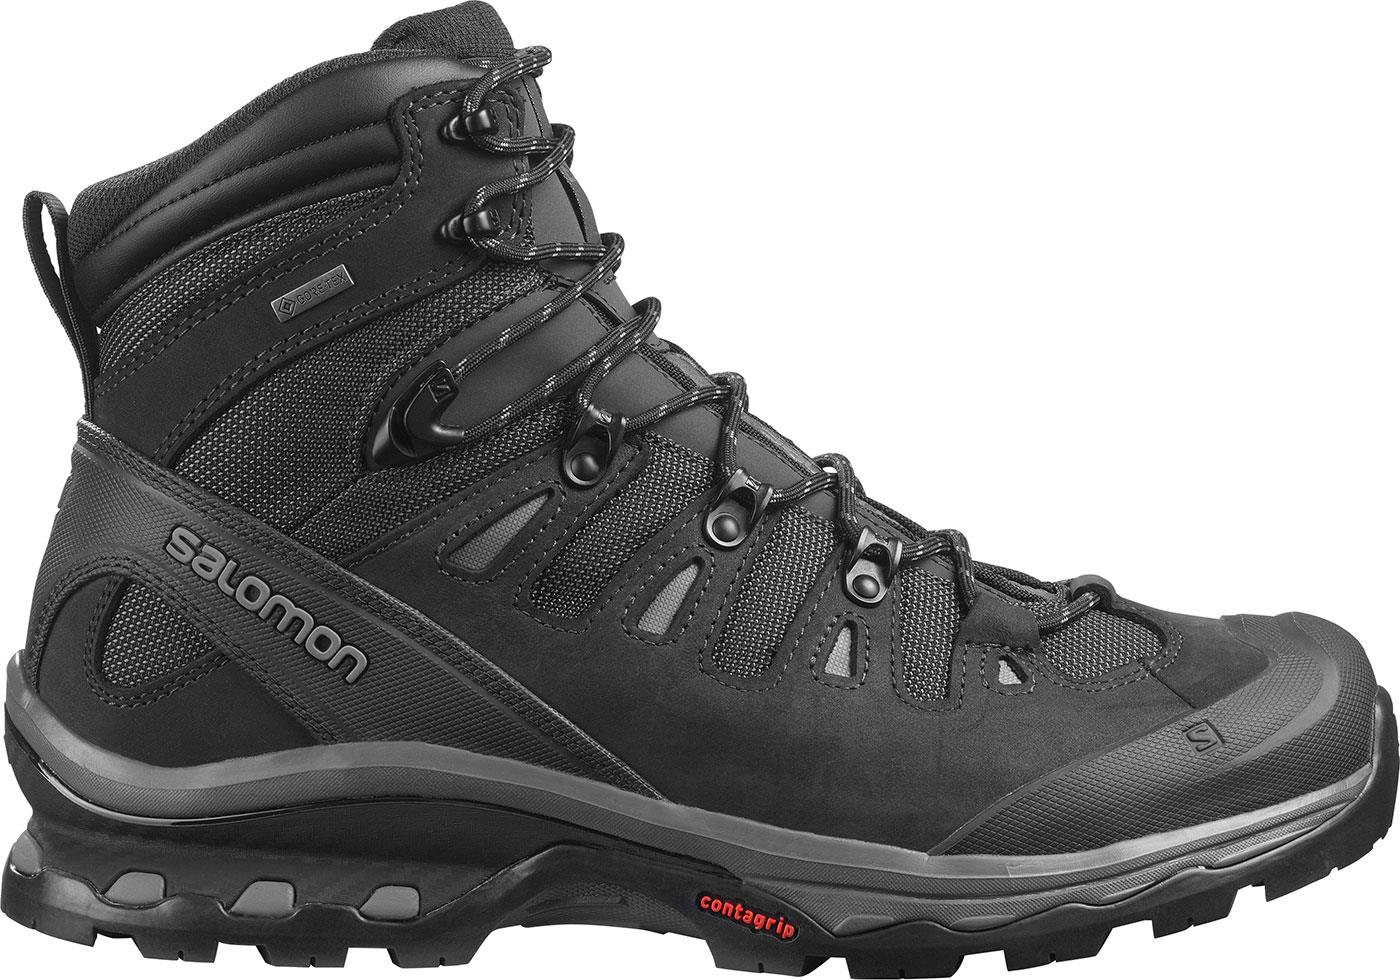 Salomon QUEST 4D 3 GTX Erkek Ayakkabısı L40245500